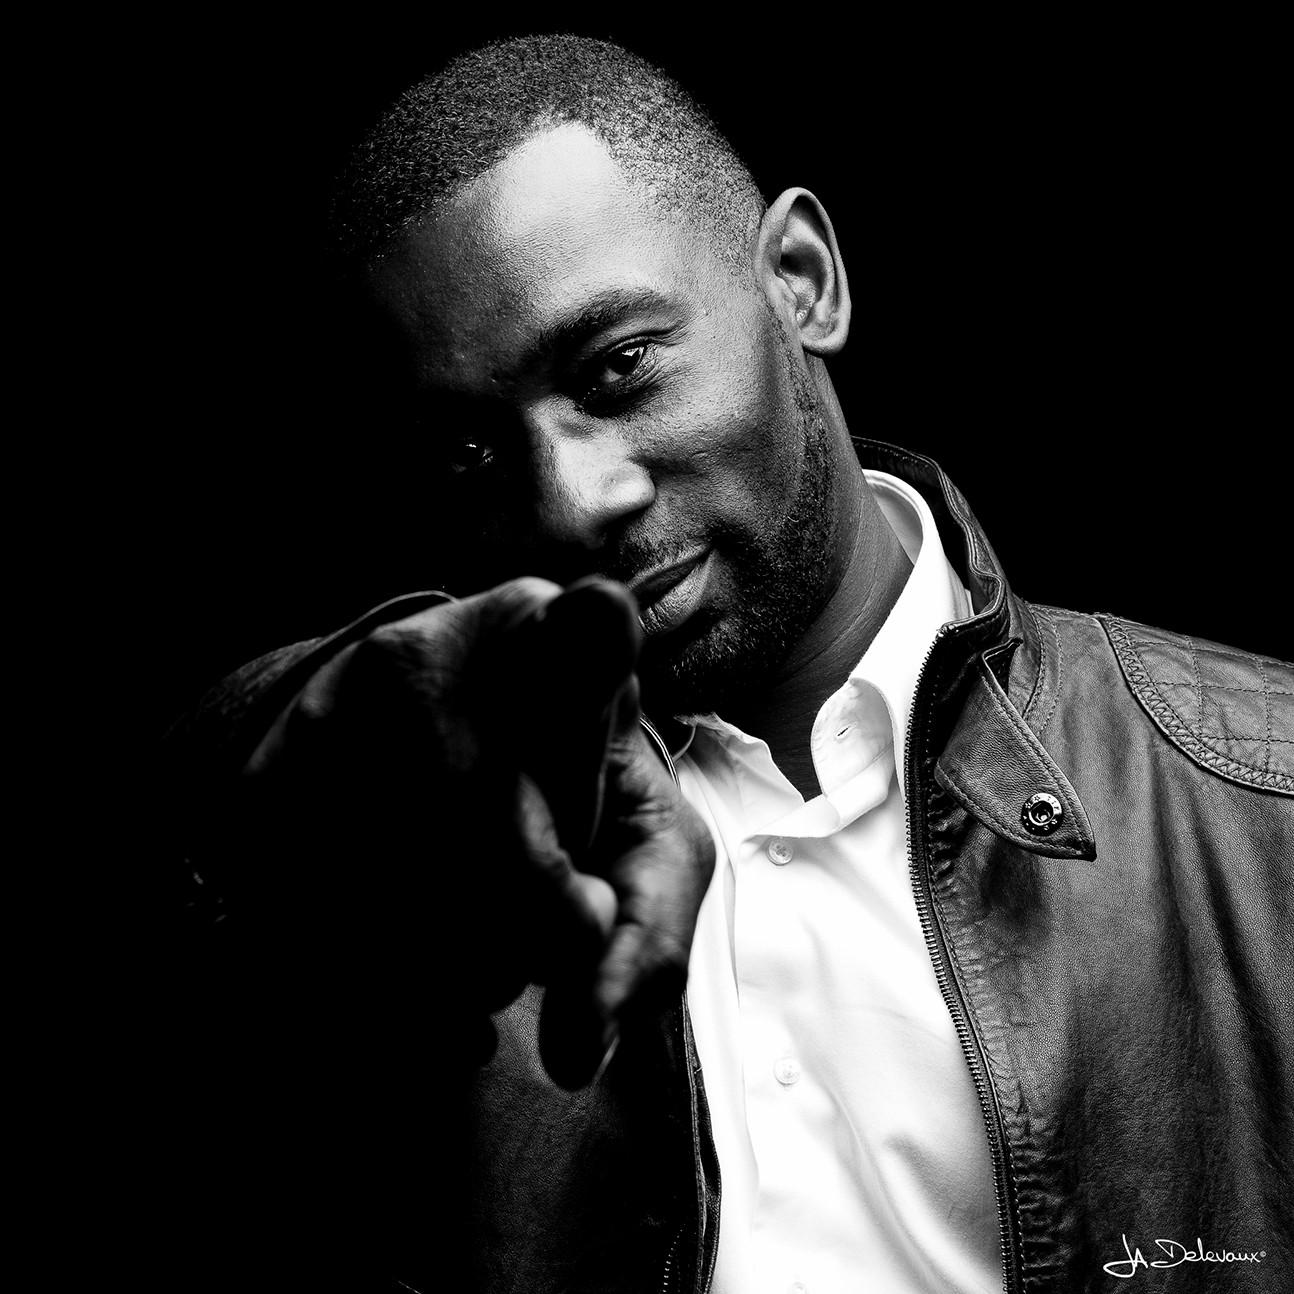 Passi - chanteur, compositeur, rap français